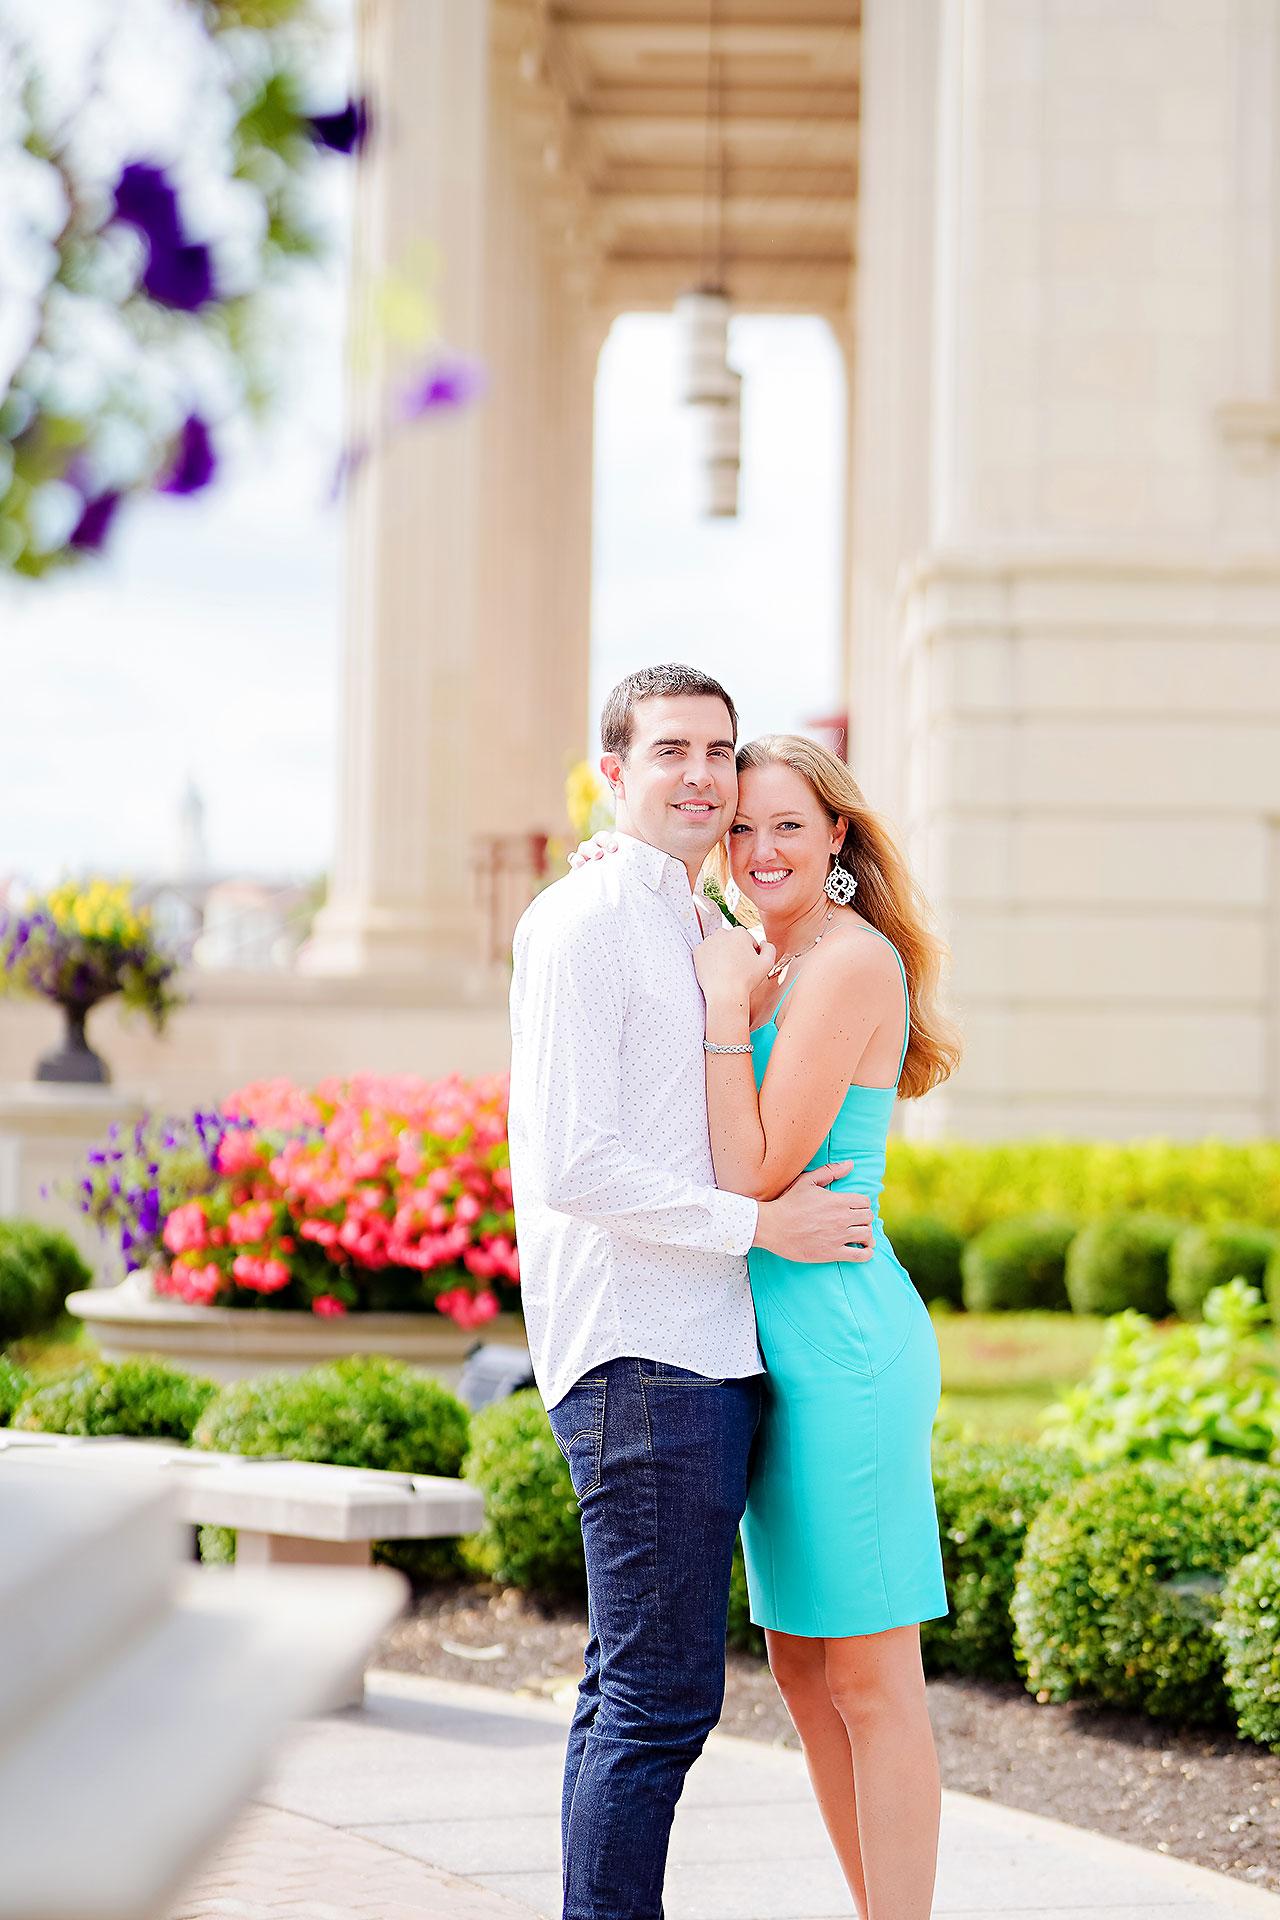 Liz Zach Midtown Carmel Engagement Session 143